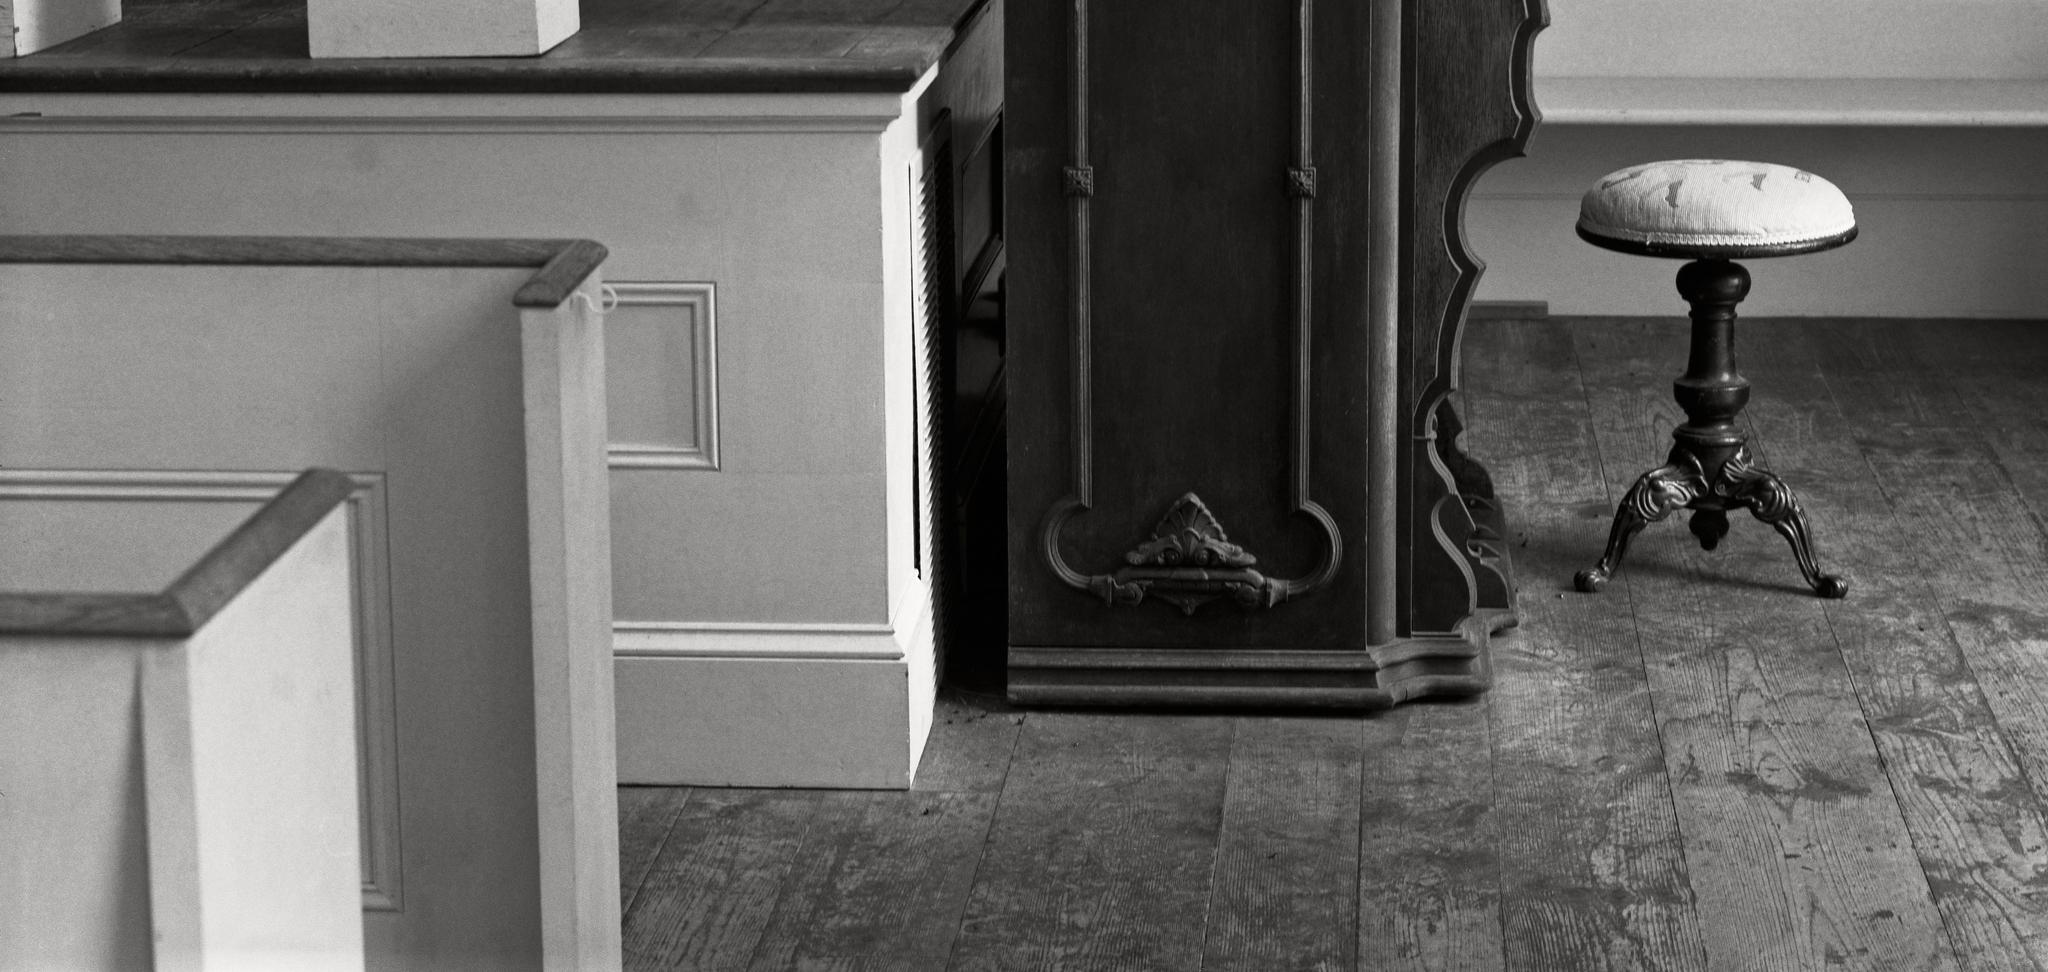 Millbrook_2015-05-25_sg4x5_210mm_Fujinon-W_Arista200_Rodinal_1-50_church_organ_and_pews.jpg